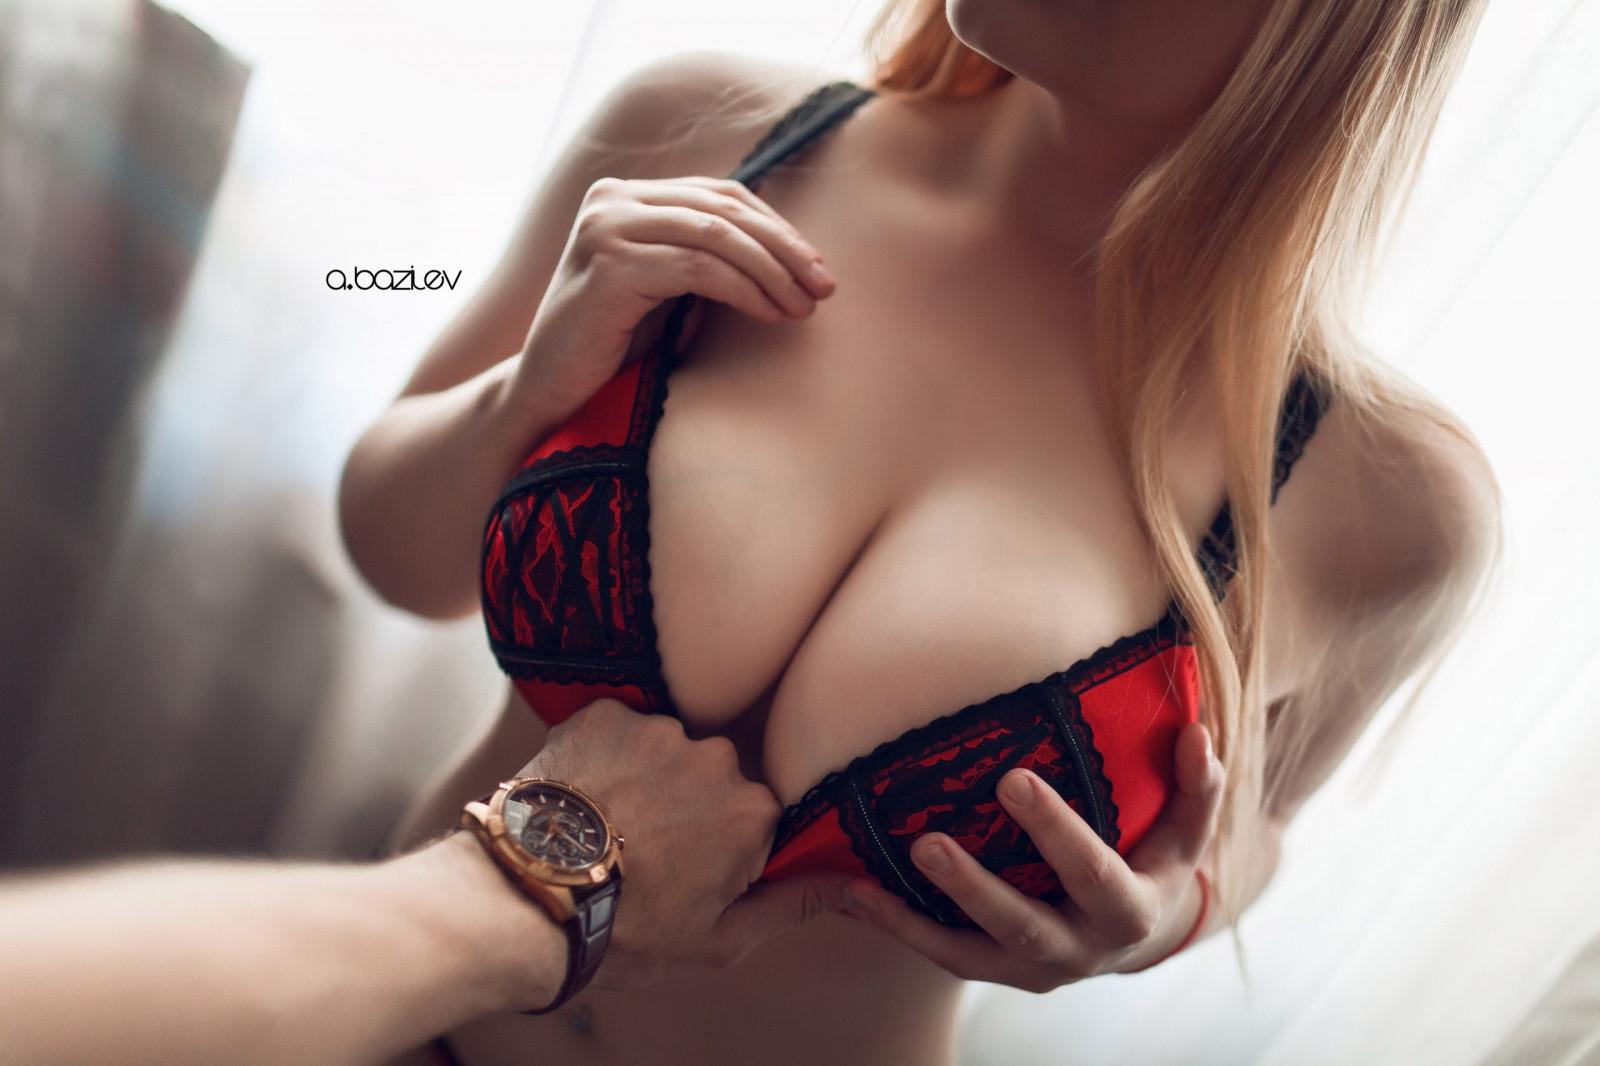 Pov Große Unterwäsche Titten Blondine Big Tits